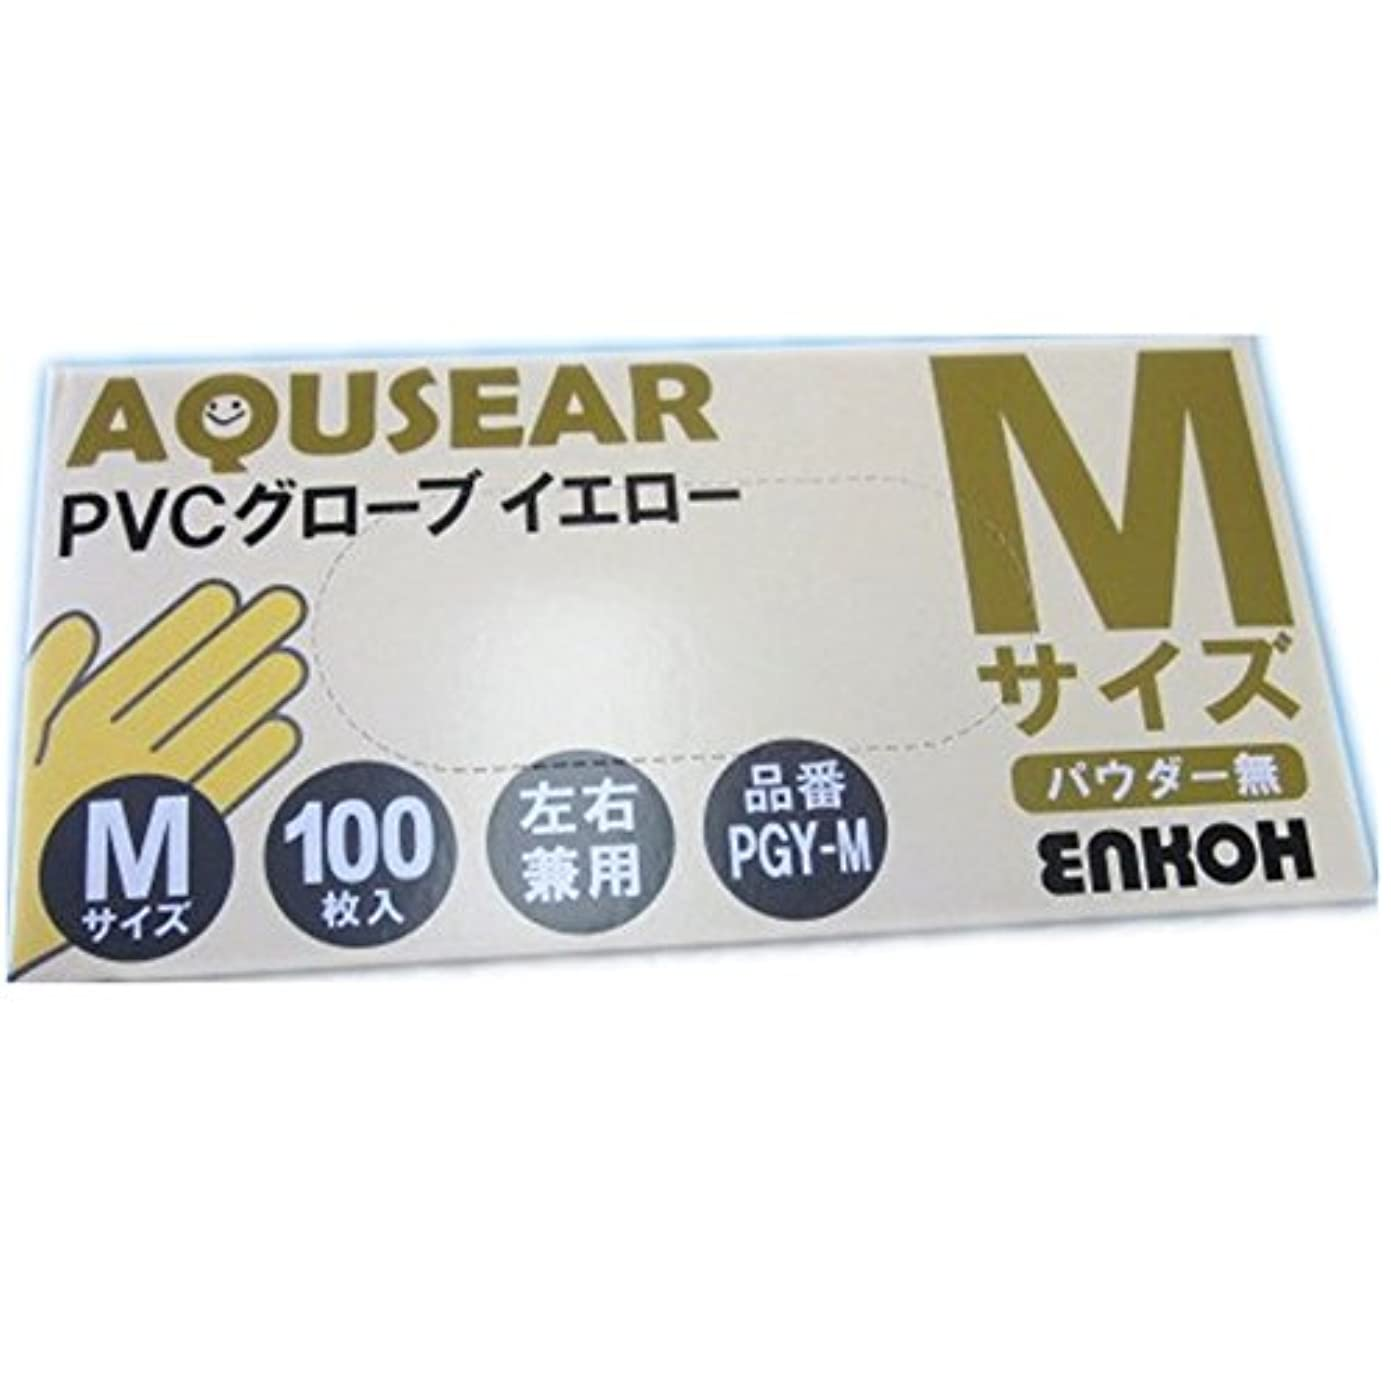 よろしく悲しみ刻むAQUSEAR PVC プラスチックグローブ イエロー 弾性 Mサイズ パウダー無 PGY-M 100枚×20箱